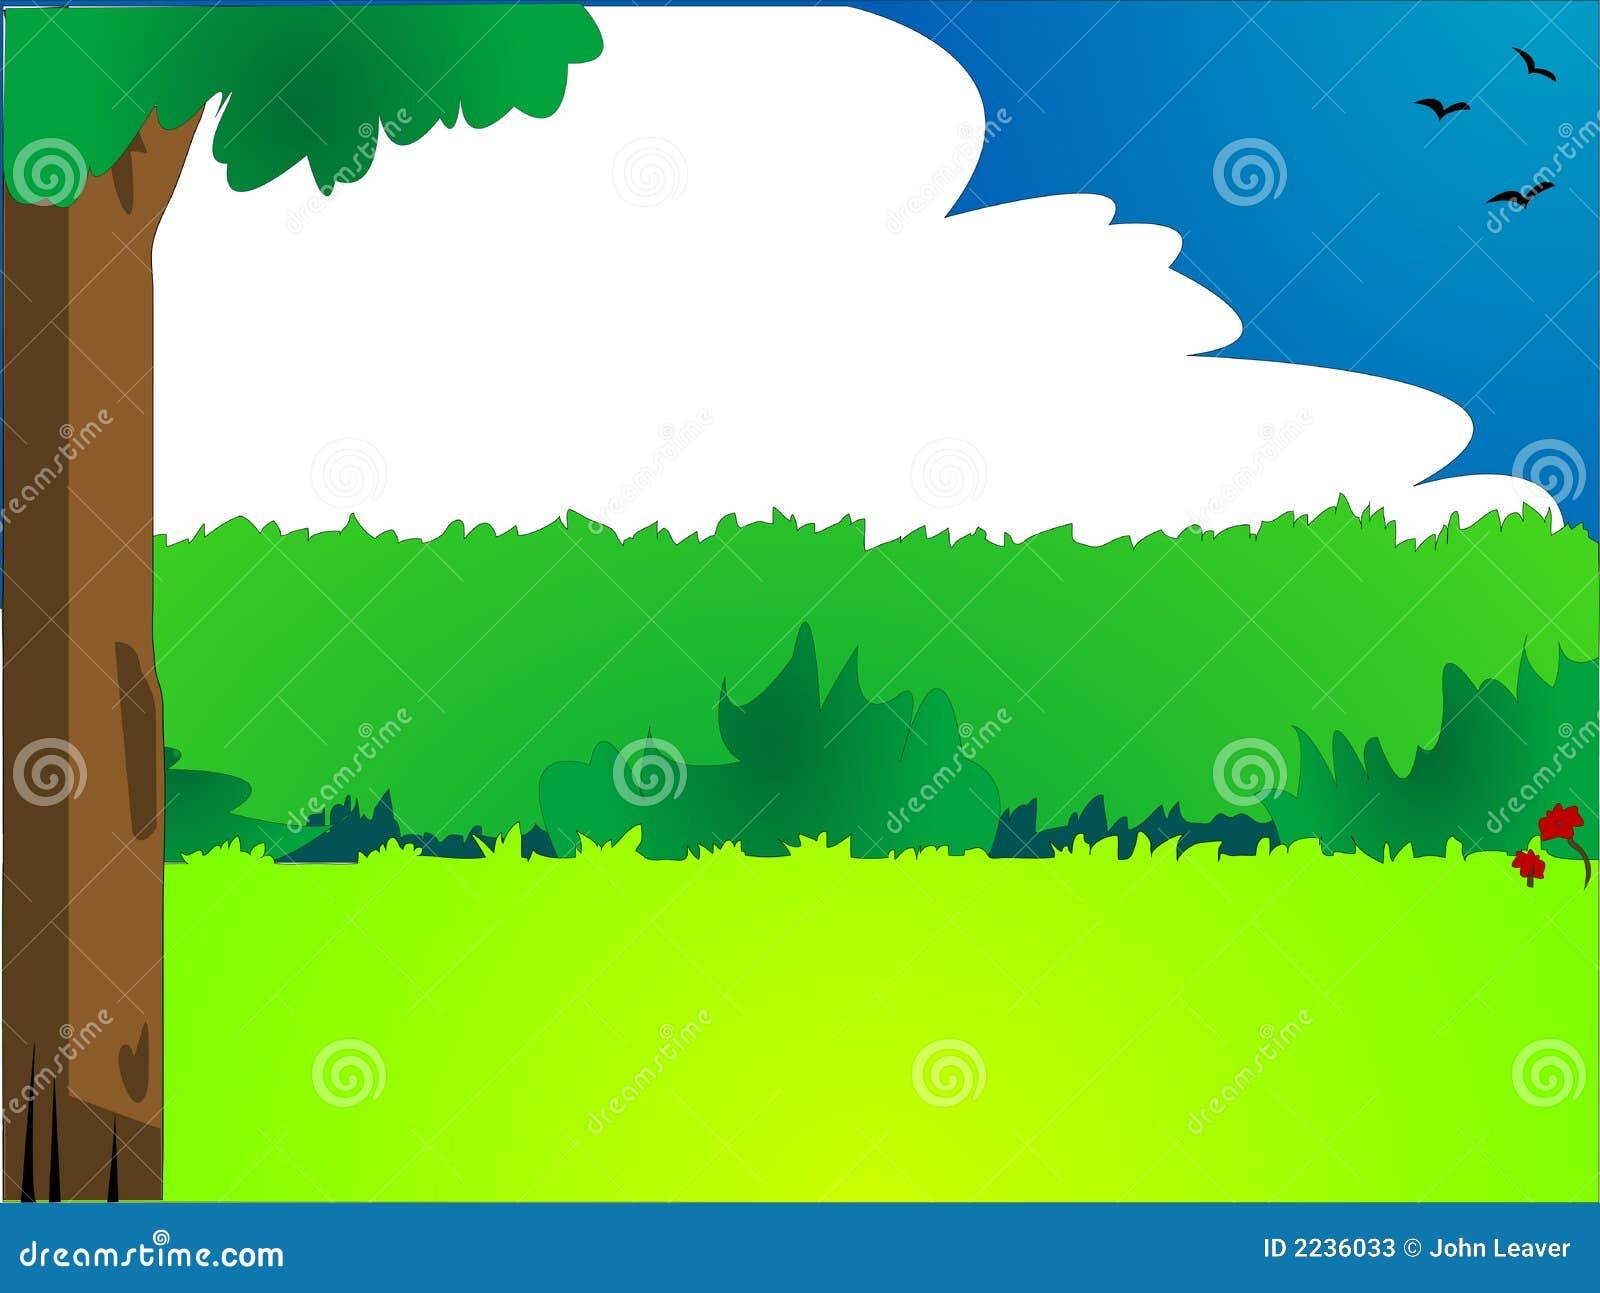 Cartoon Style Landscape Stock Illustration Illustration